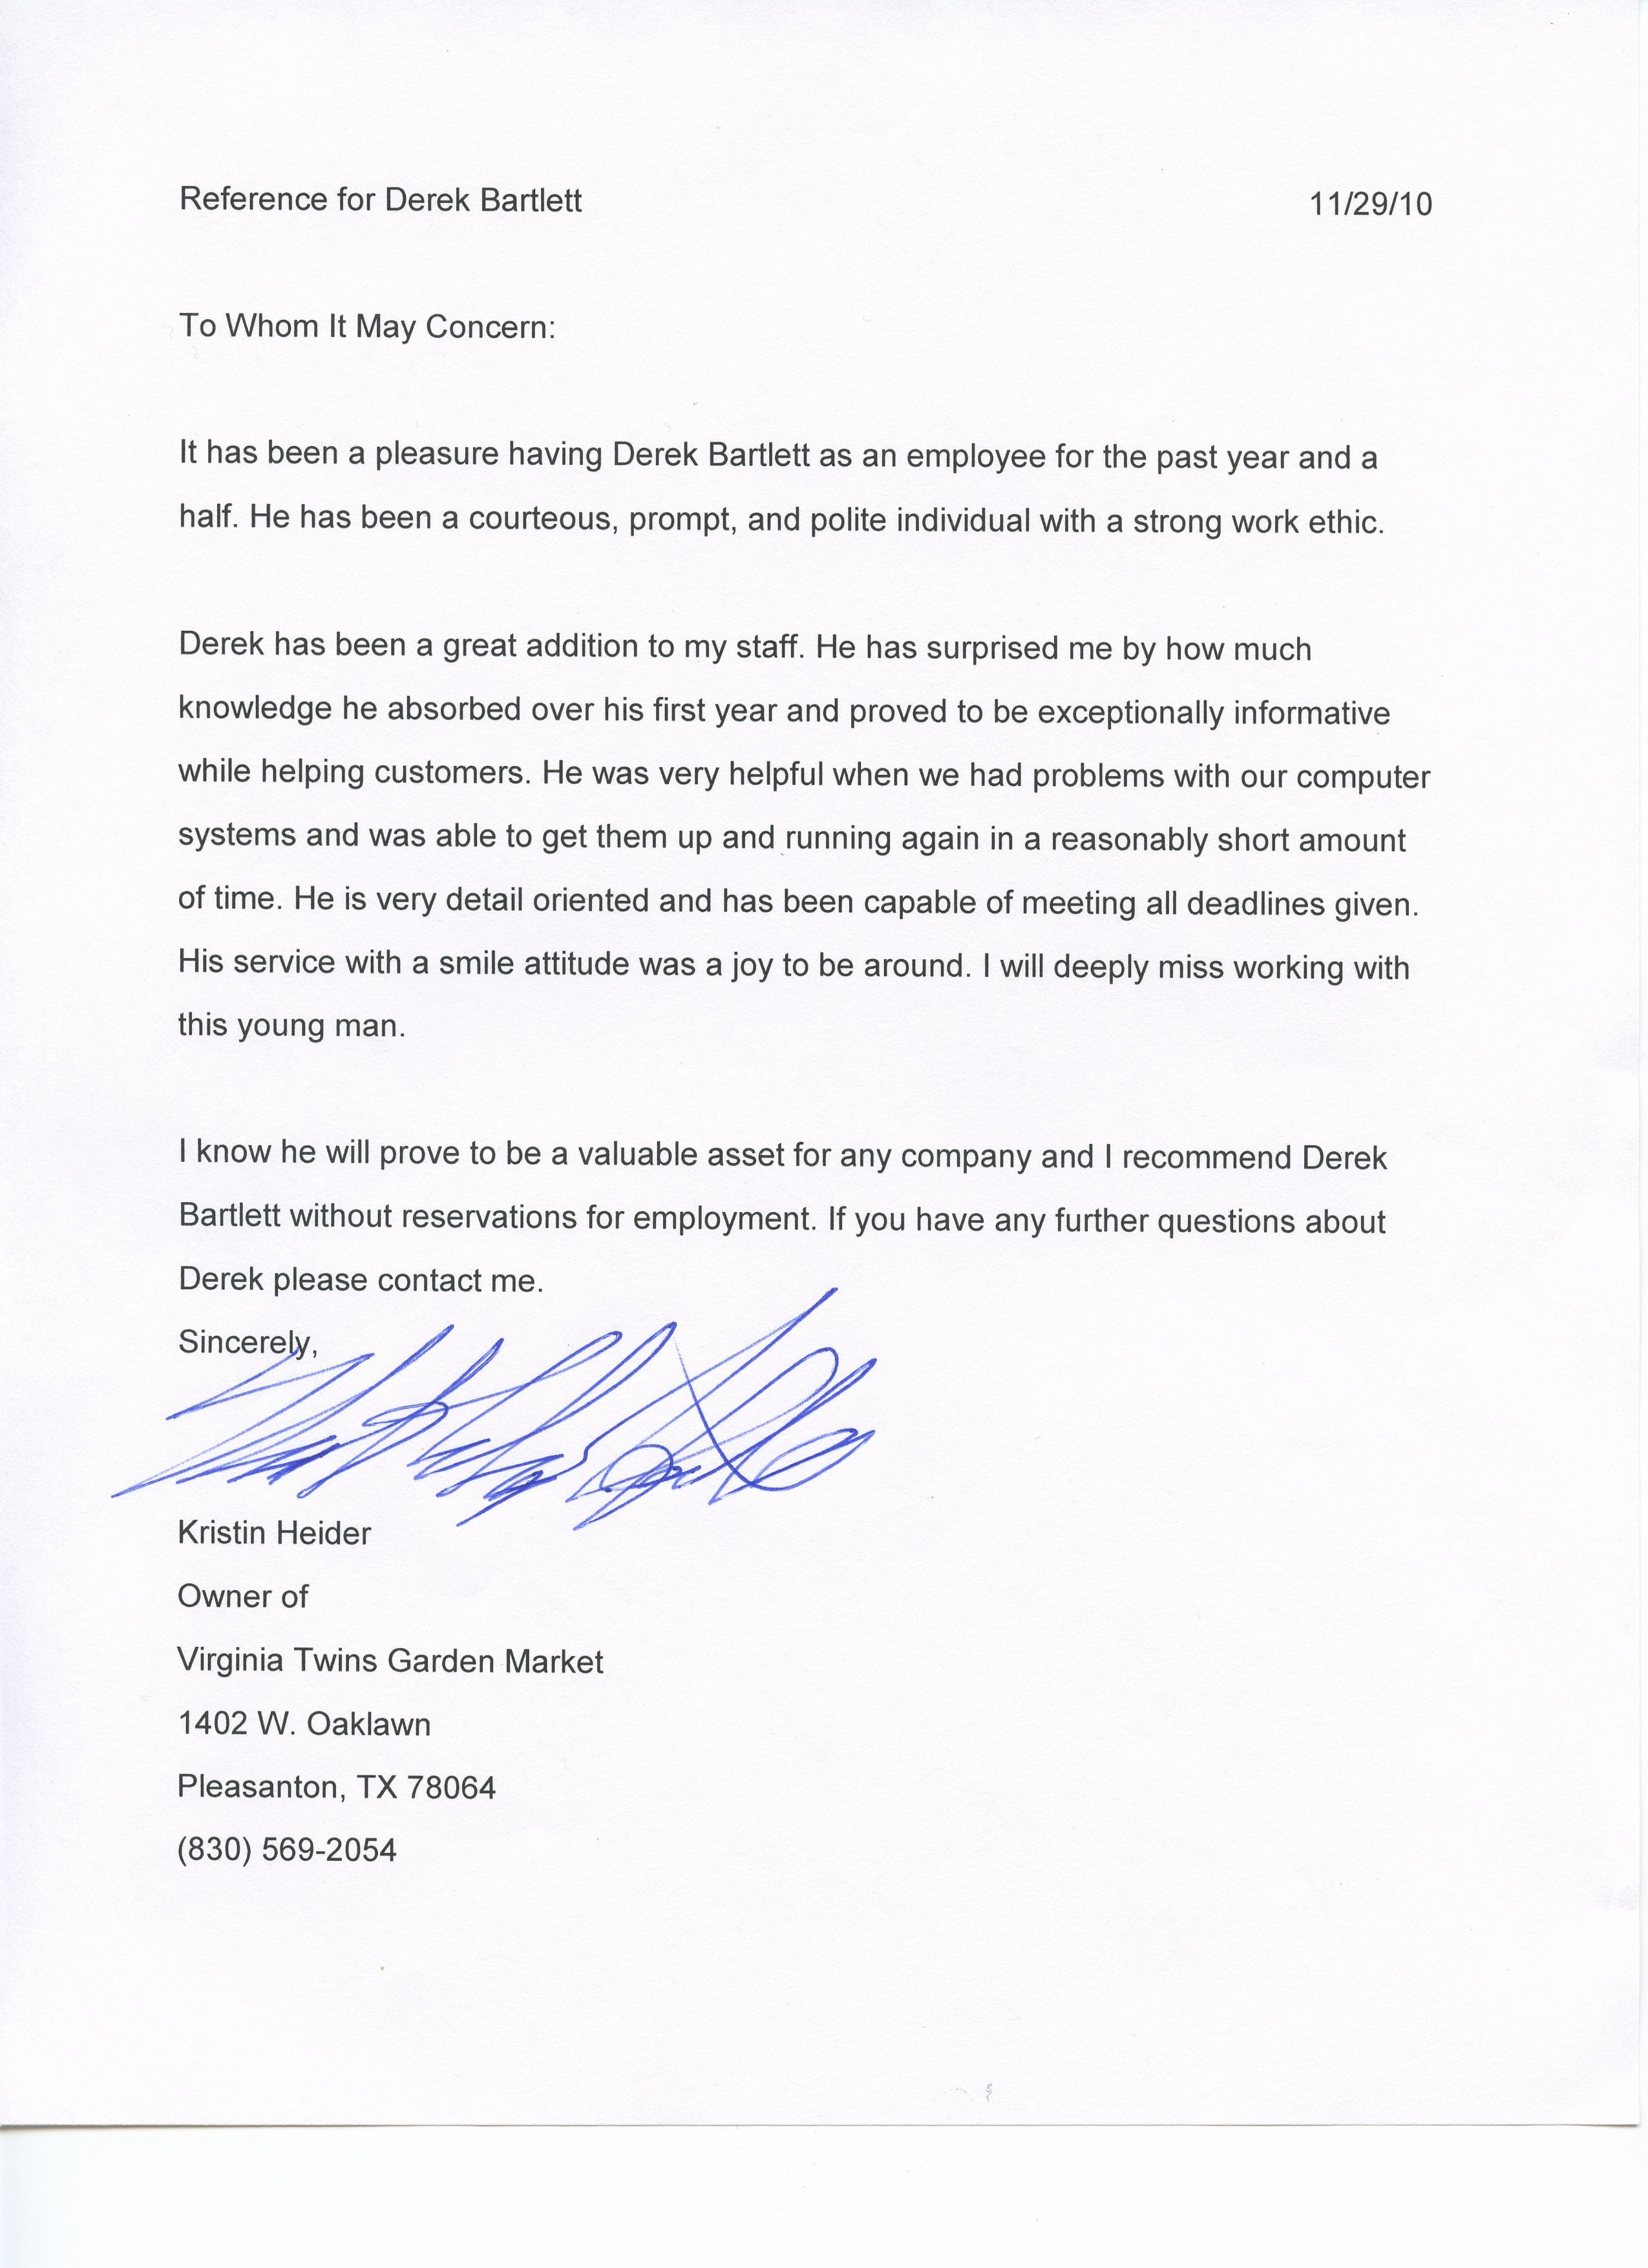 Texas Tech Letter Of Recommendation New Derek Bartlett Portfolio